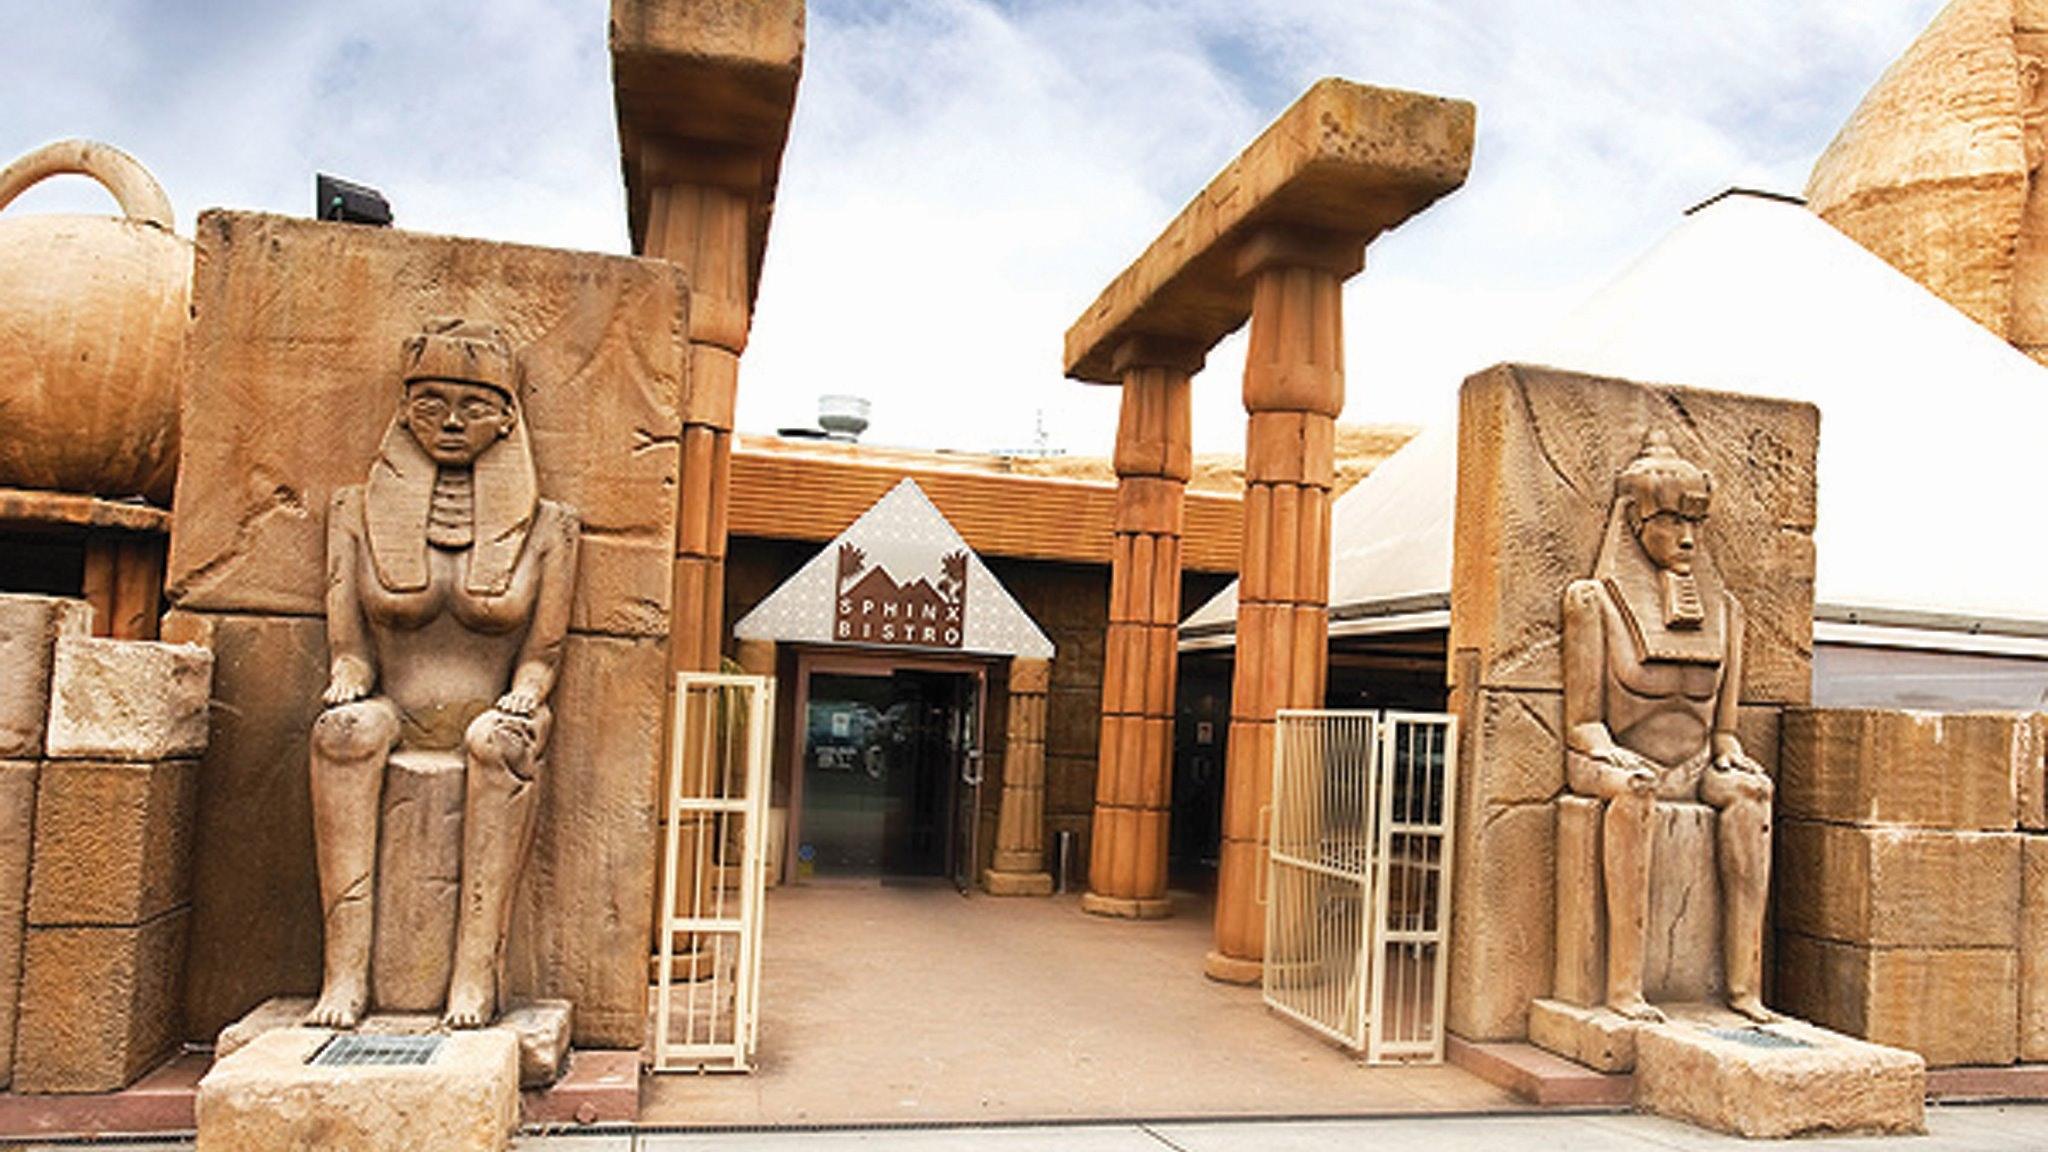 Sphinx Pharaohs Bistro